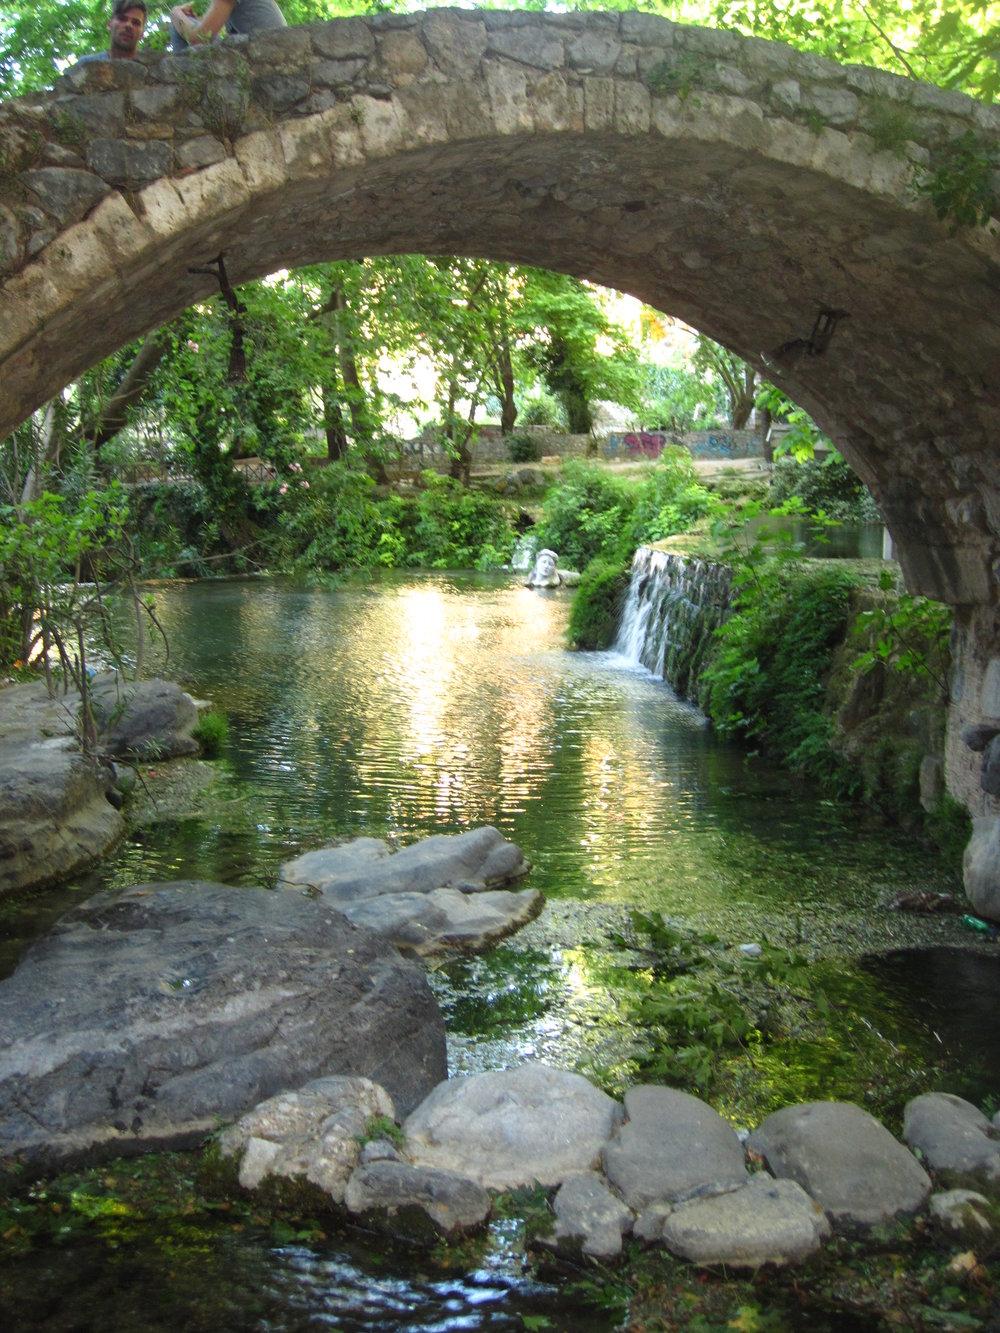 Στην κοιλάδα που για 12 αιώνες αντηχούσαν οι φωνές των επισκεπτώνκαι των ιεροφαντών του αρχαίου μαντείου - θεραπευτηρίου του Τροφωνίουεξακολουθεί ολόχρονα να ρέει μέχρι τις ημέρες μας η Έρκυνα, το ποτάμι που διατρέχει και δροσίζει το άλσος του Τροφωνείου.Δυο πηγές που εκβάλλουν στην Έρκυνα, με νερό ιαματικό που το έπιναν τότε οι χρηστηριαζόμενοιως σημαντικό μέρος του θεραπευτικού δρώμενου του αρχαίου Τροφωνείου, ονομάζονταν η πηγή της Λήθης και η πηγή της Μνημοσύνης, που σήμερα διασώθηκαν με την ονομασία η χλιάκαι κρυά.